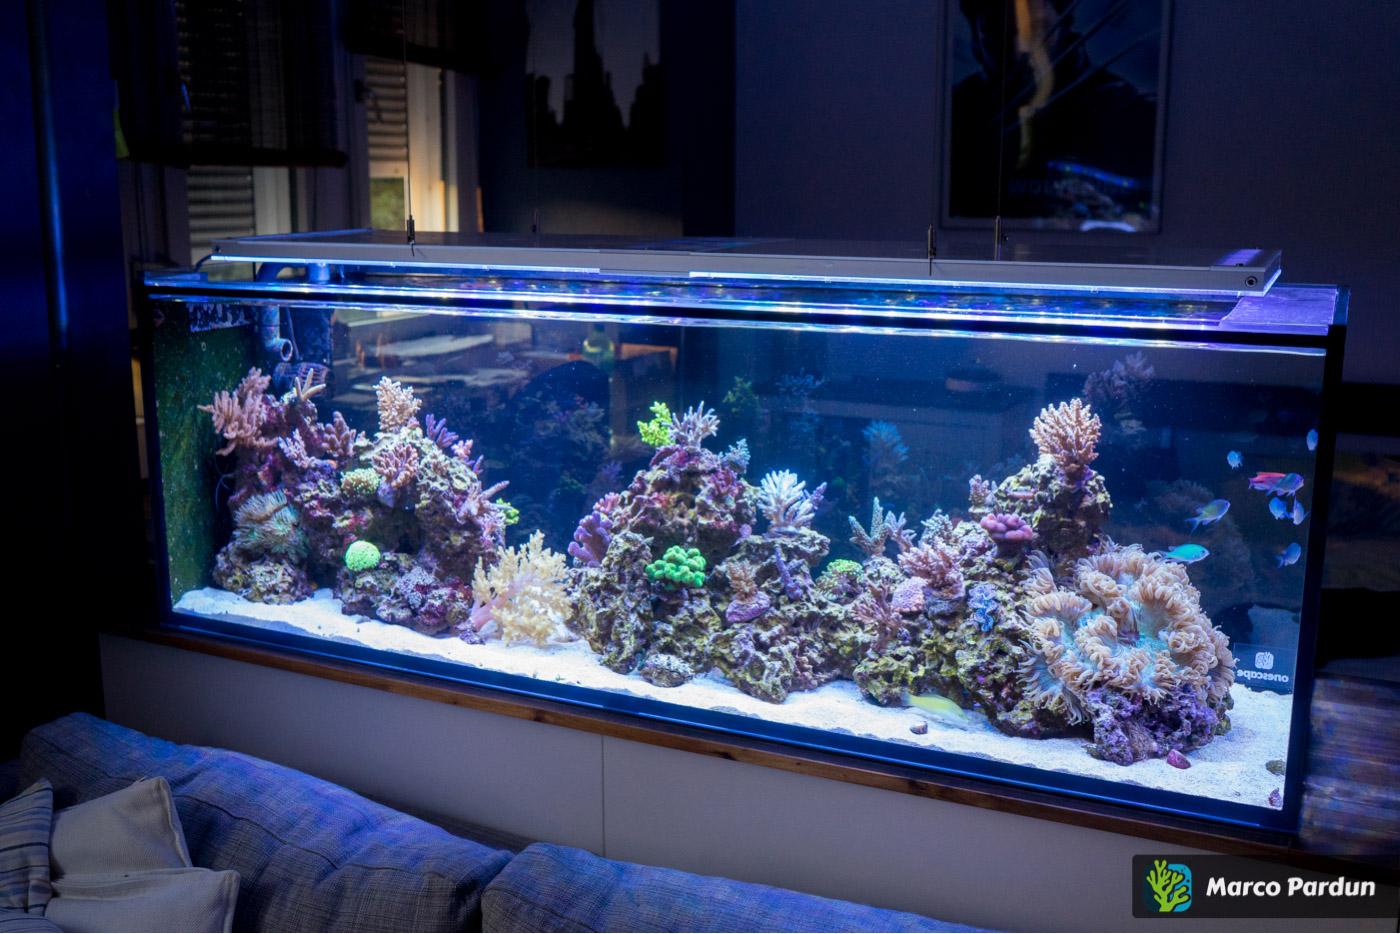 ein 400l raumteiler 150x50x50cm seite 4 vorbereitung dein meerwasser forum f r nanoriffe. Black Bedroom Furniture Sets. Home Design Ideas